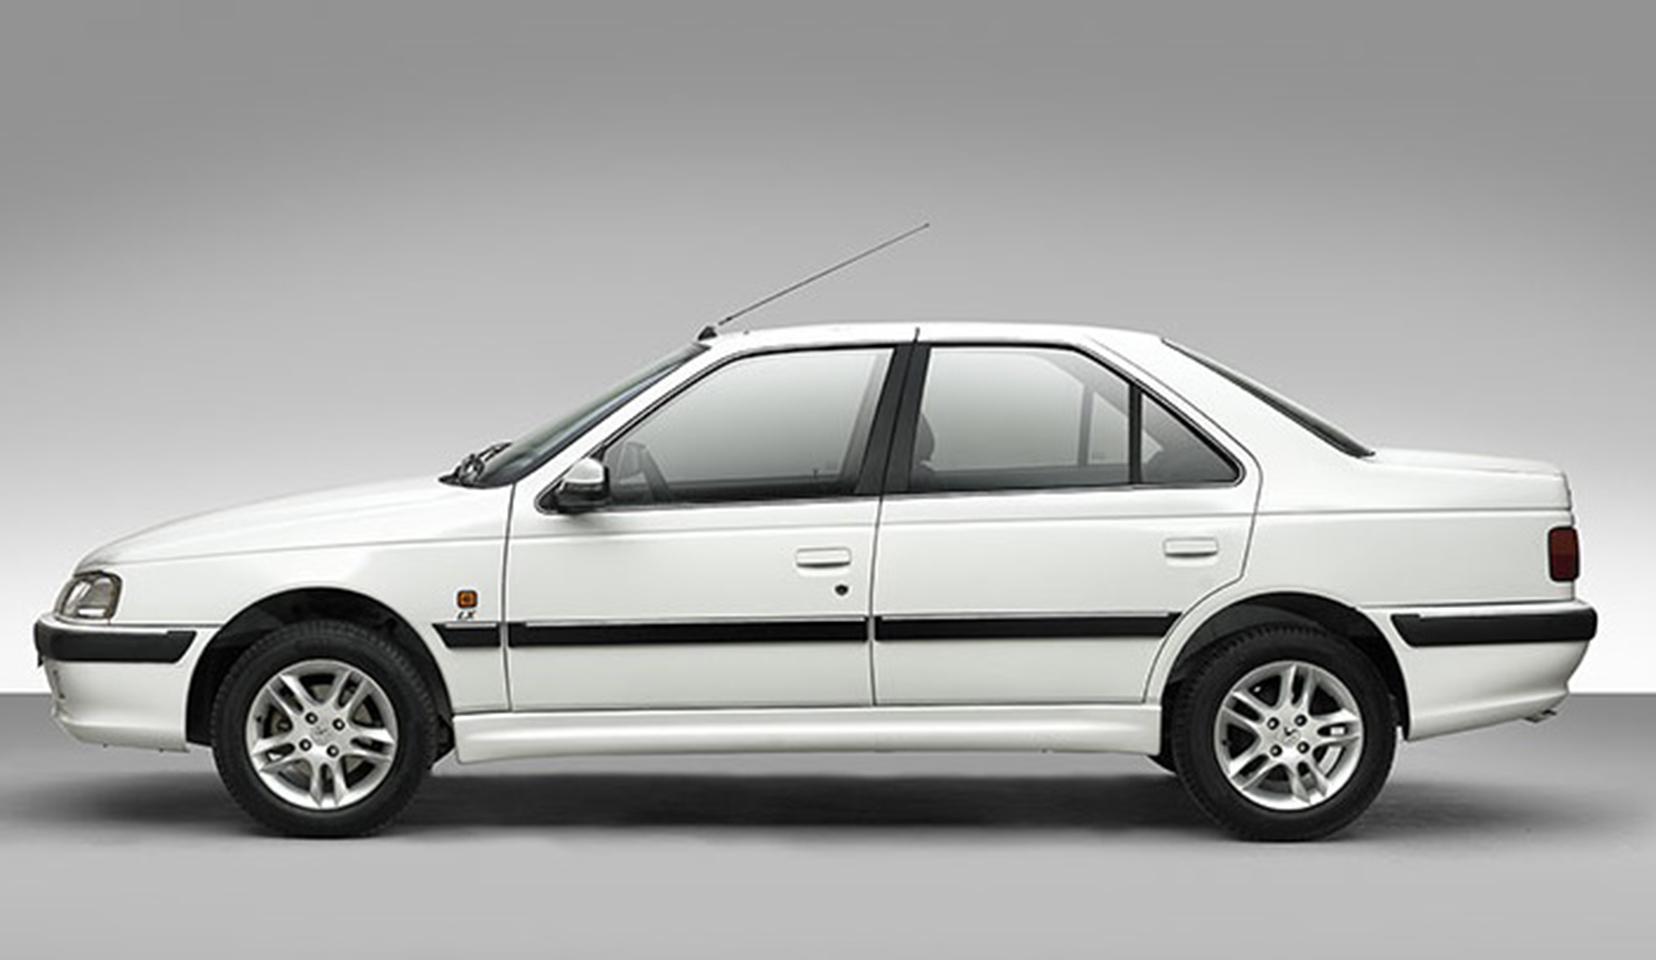 پژو پارس به عنوان یکی از بی کیفیت ترین خودروهای ایران شناخته شد